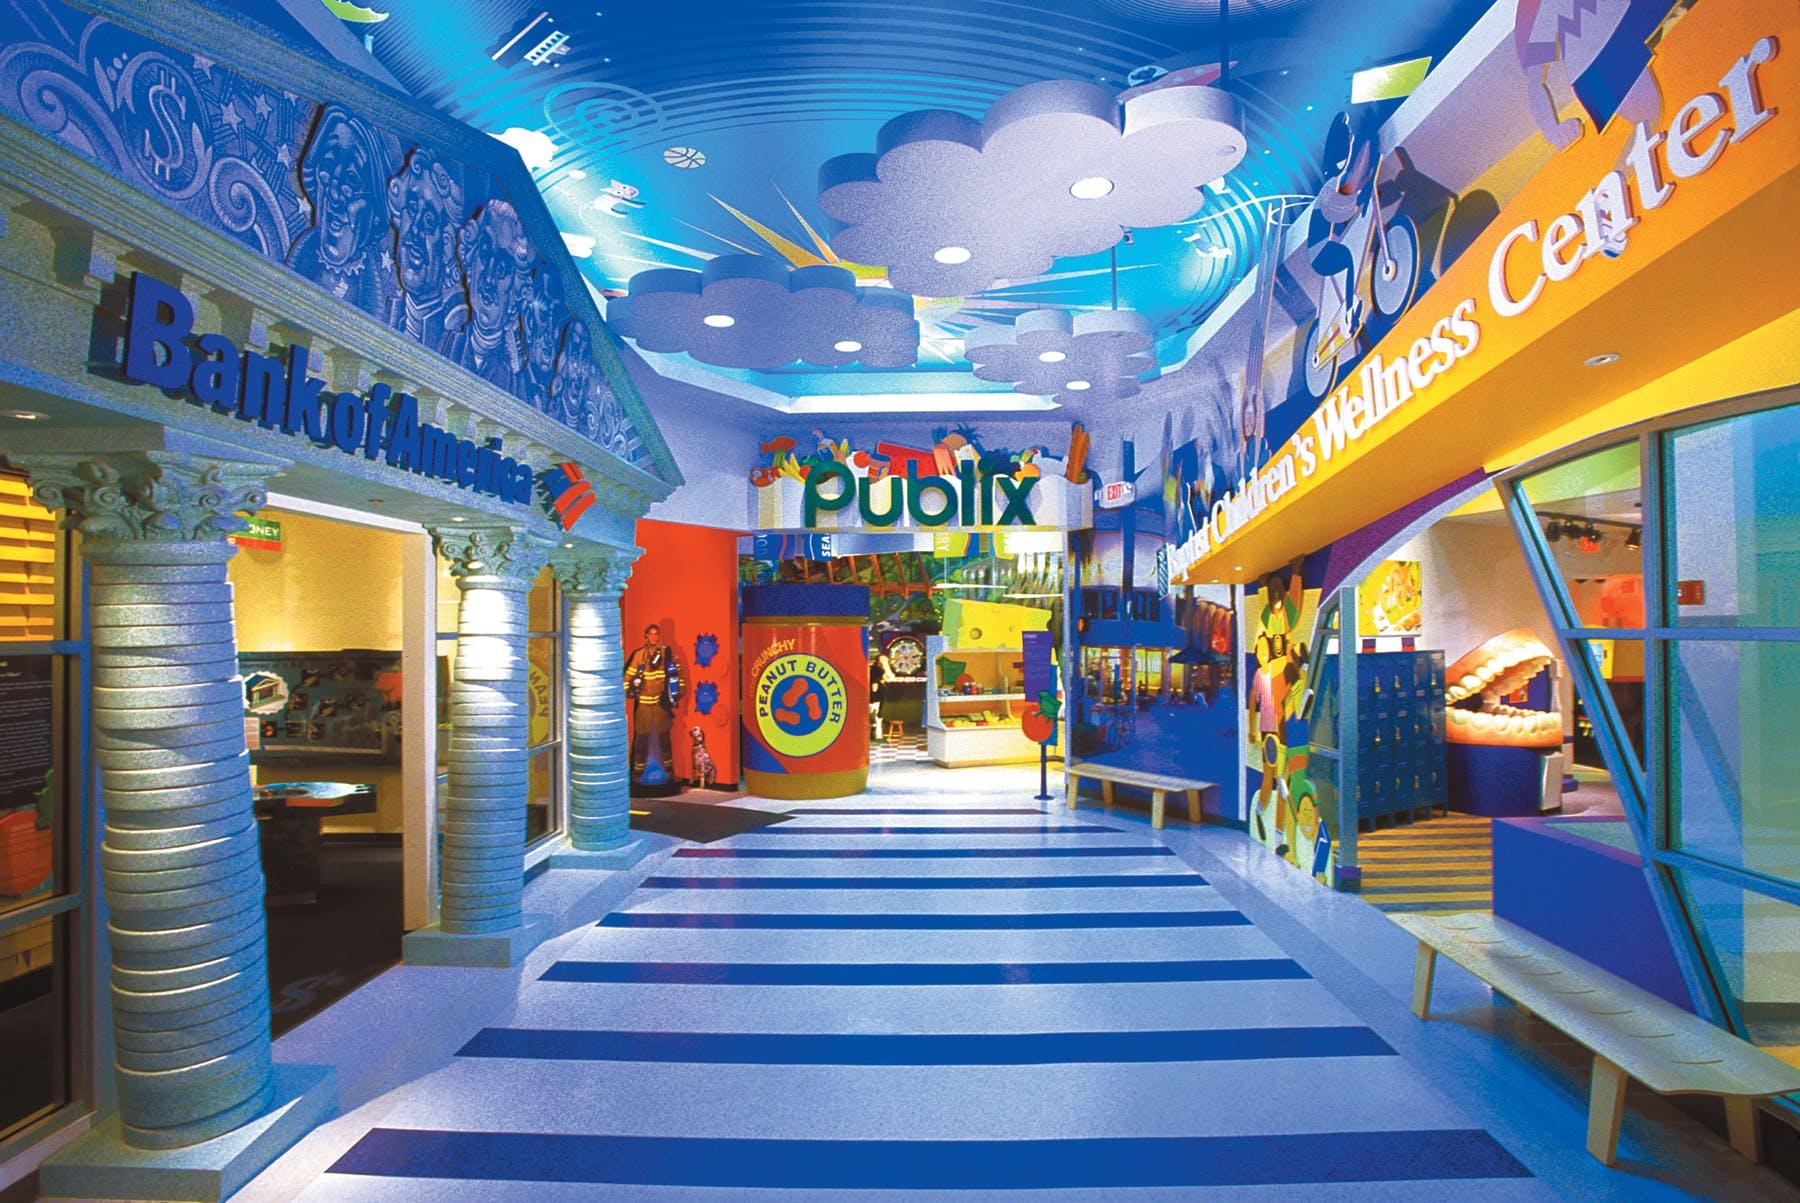 Image result for miami children's museum exhibits